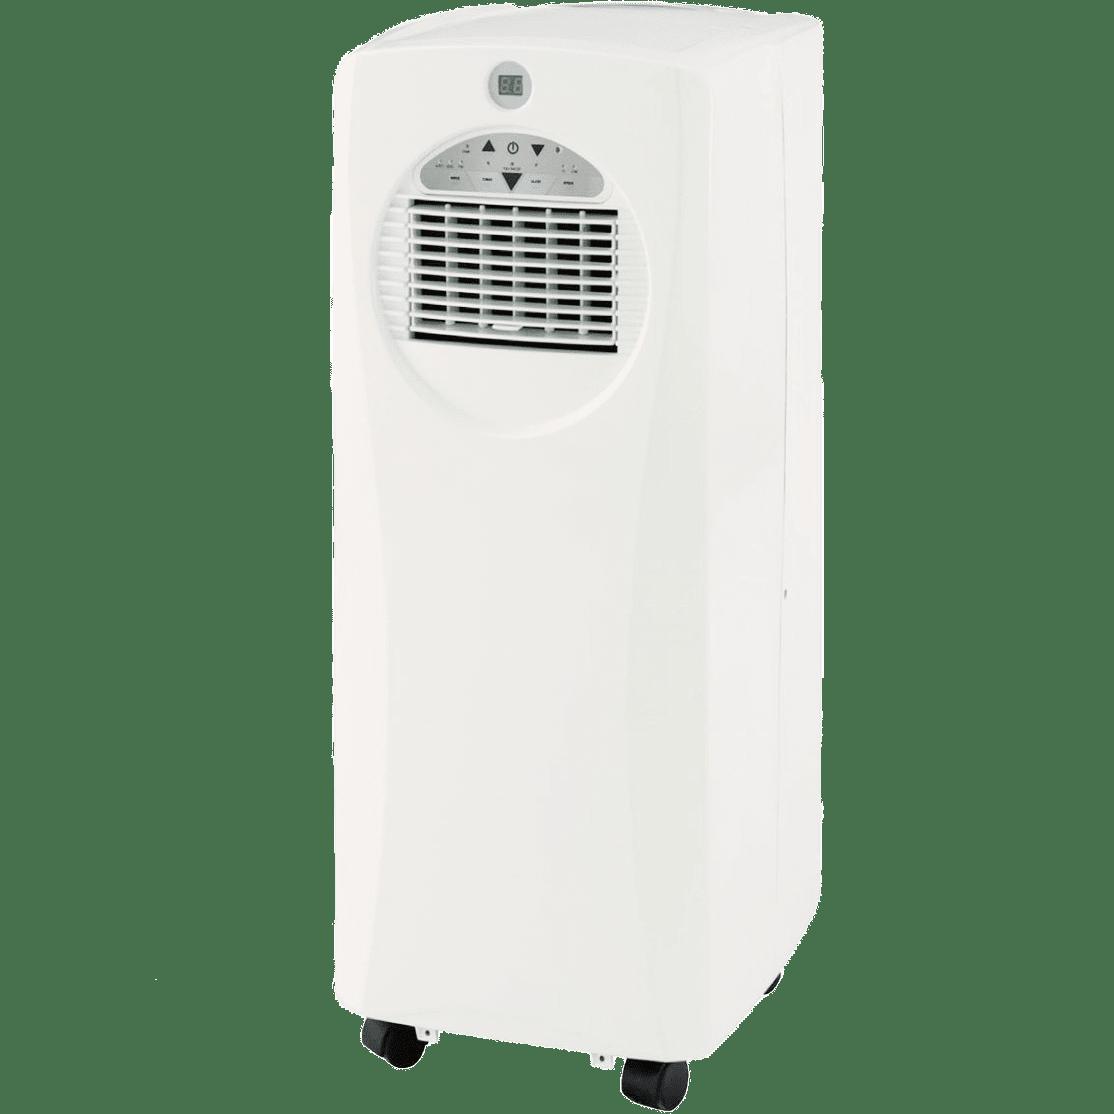 Sunpentown SPT WA-9061H 9,000 BTU Portable AC & Heater su2307